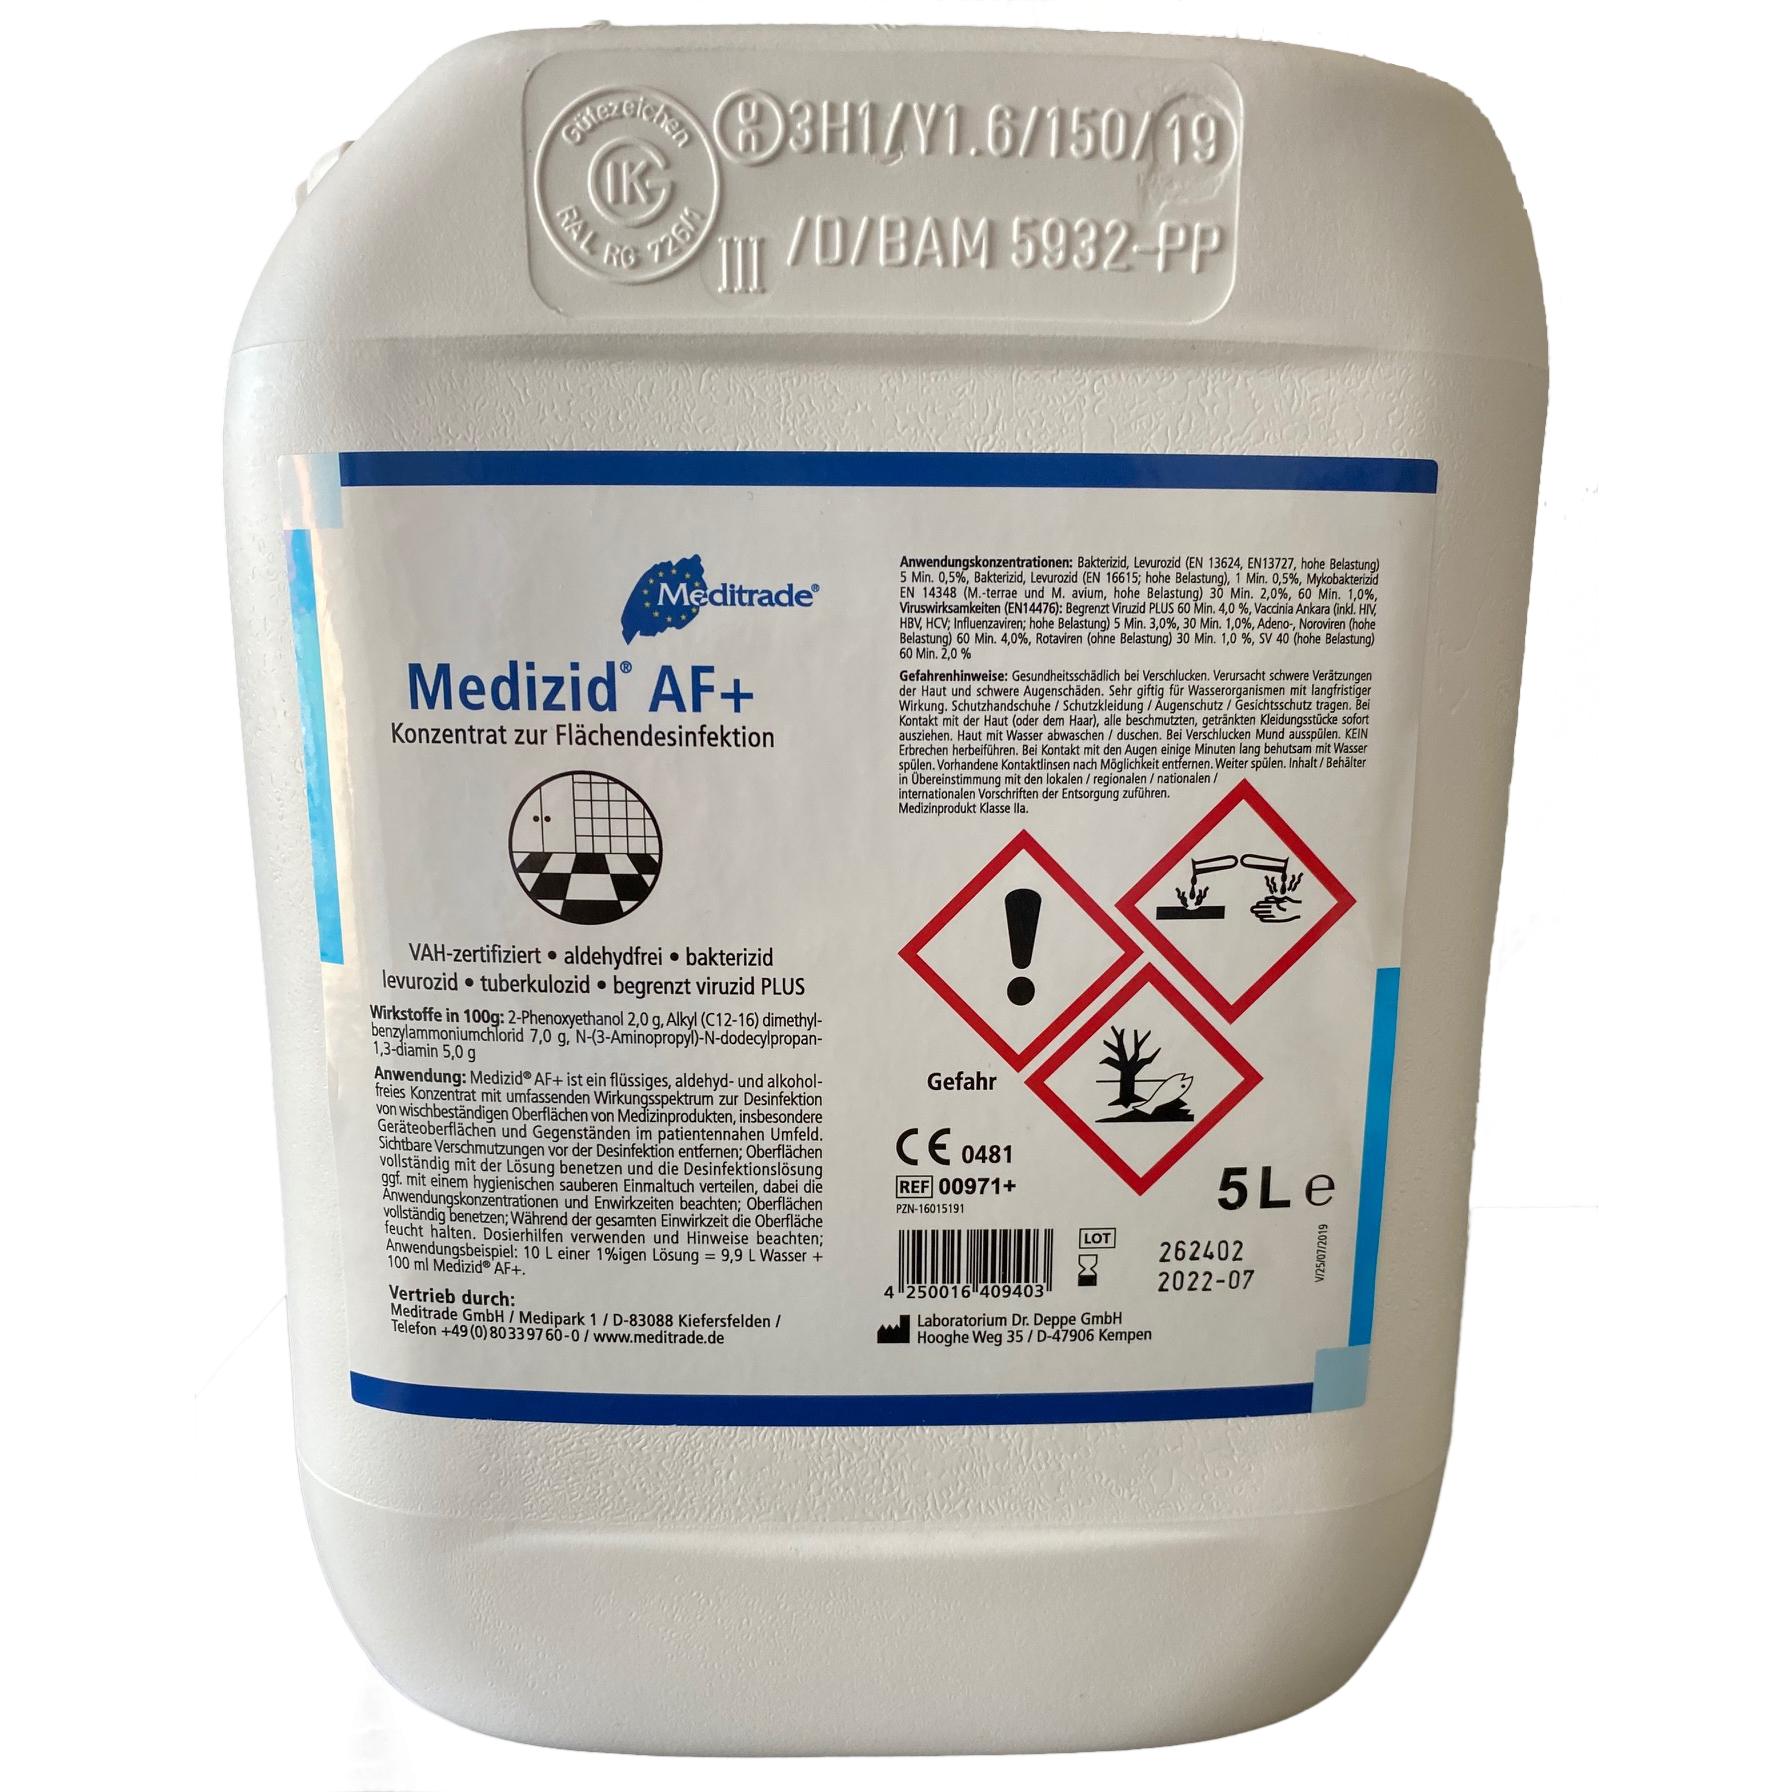 Medizid® AF+ 5l Flächendesinfektion Konzentrat